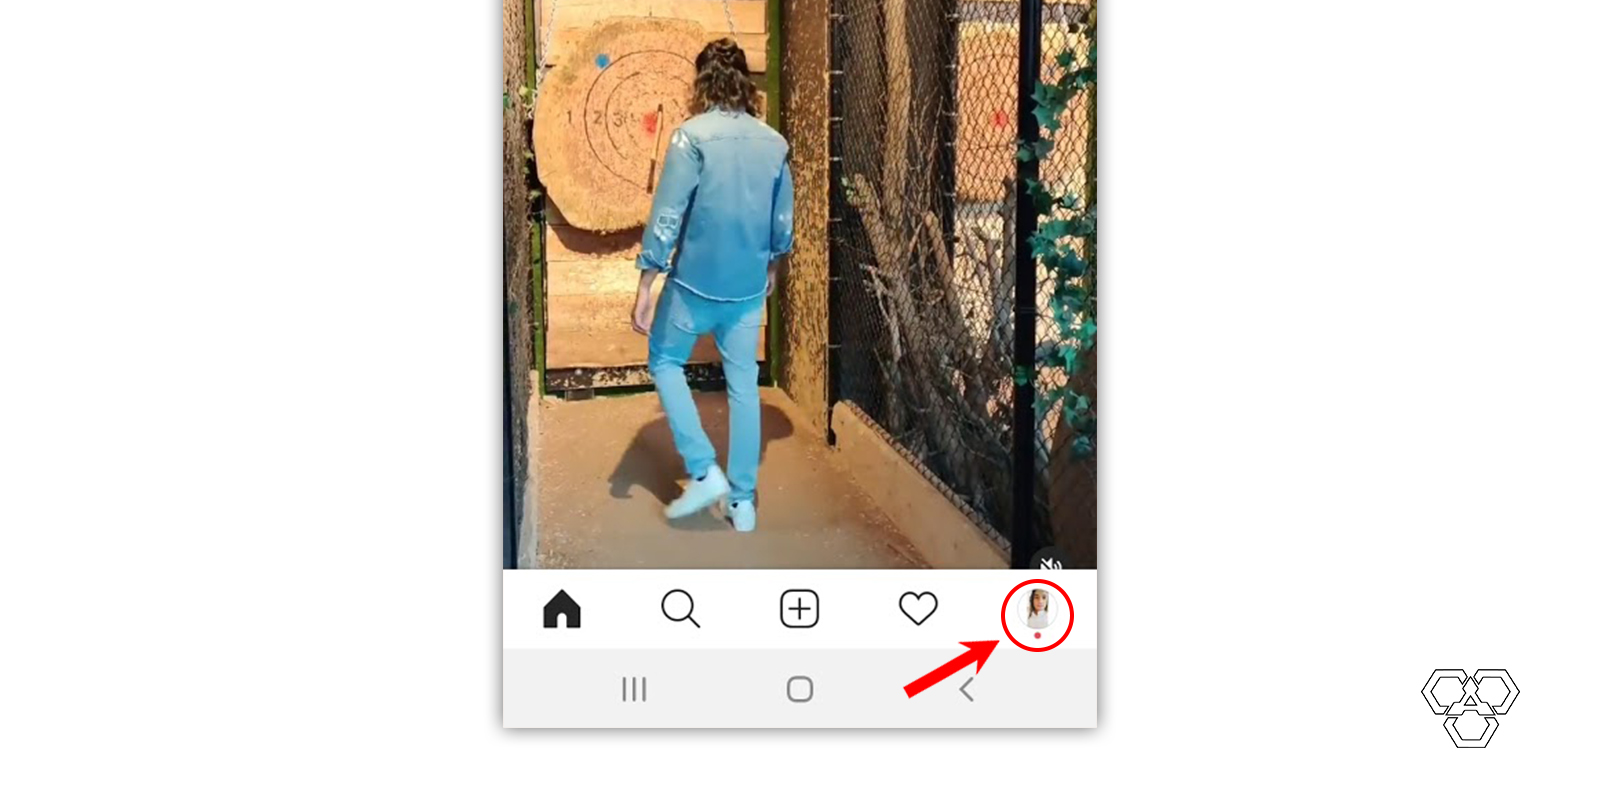 instagram screenshot